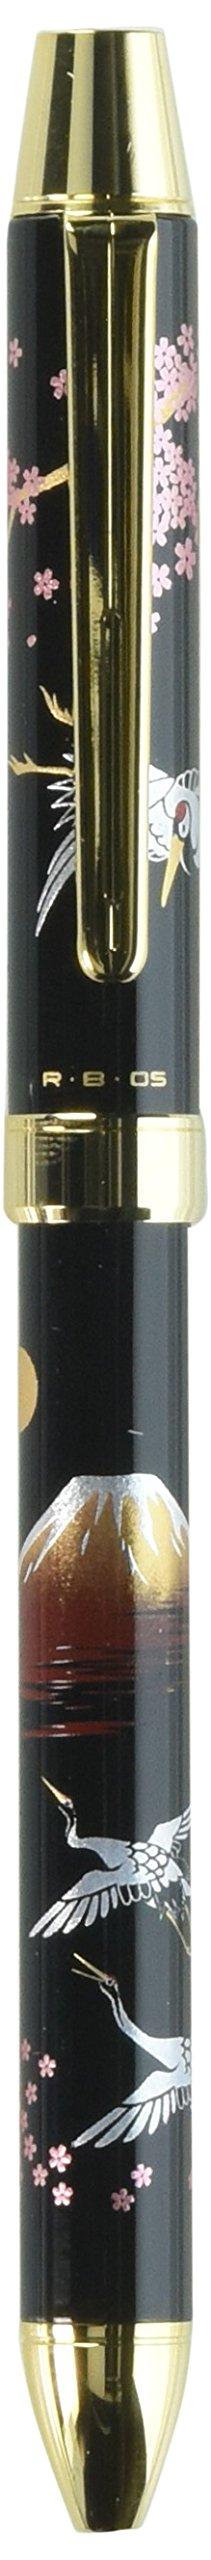 Pilot Mechanical Pencil, 0.5mm + Ballpoint Pen, 0.7 [0BS323AS]